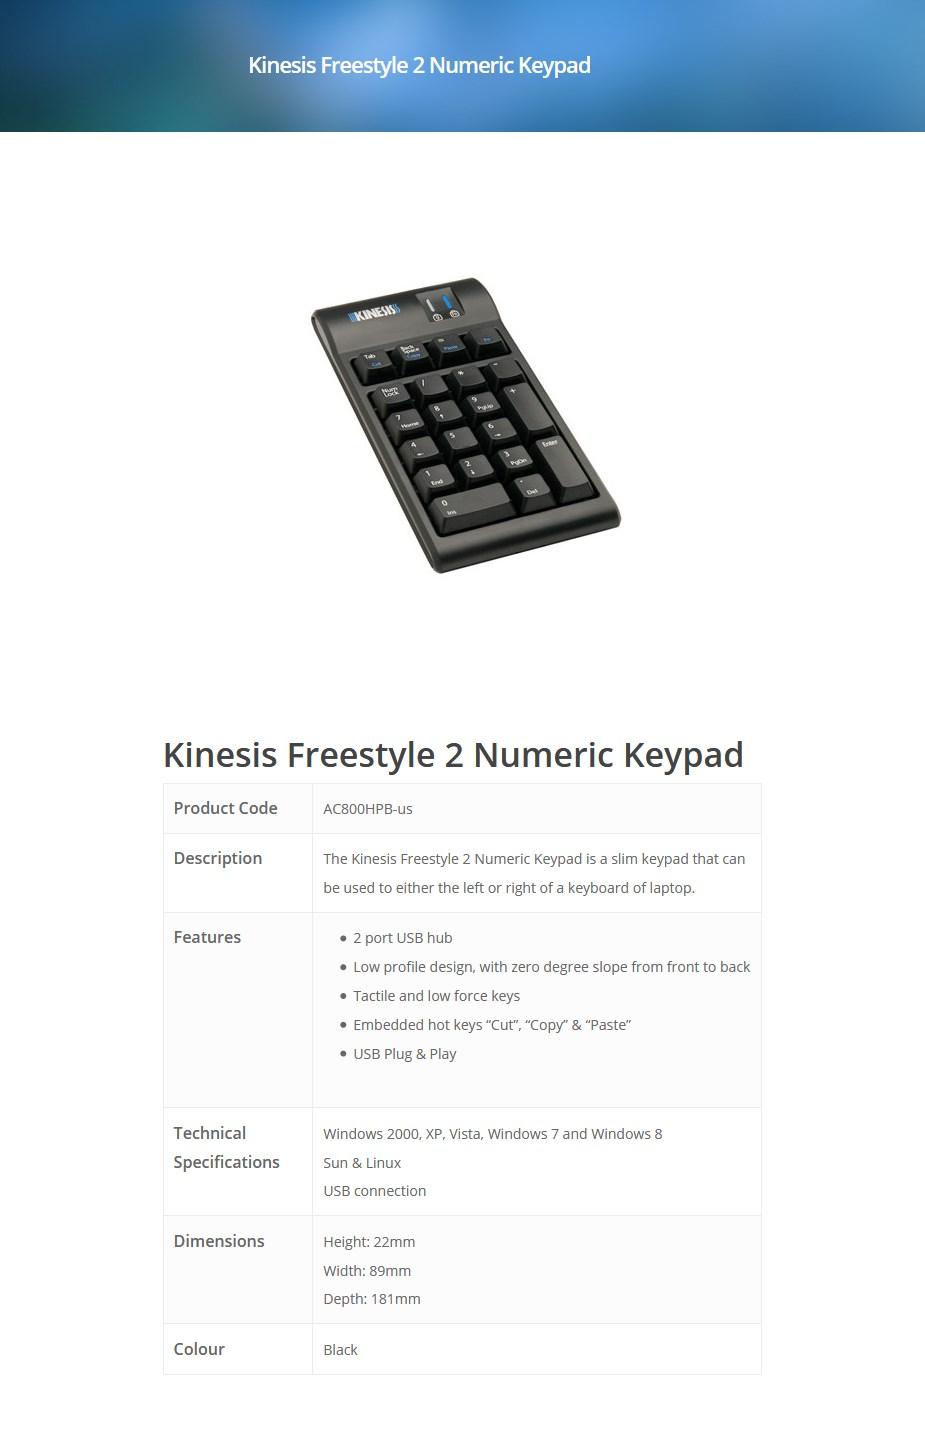 Kinesis AC800HPB-us Freestyle 2 Numeric Keypad - Overview 1